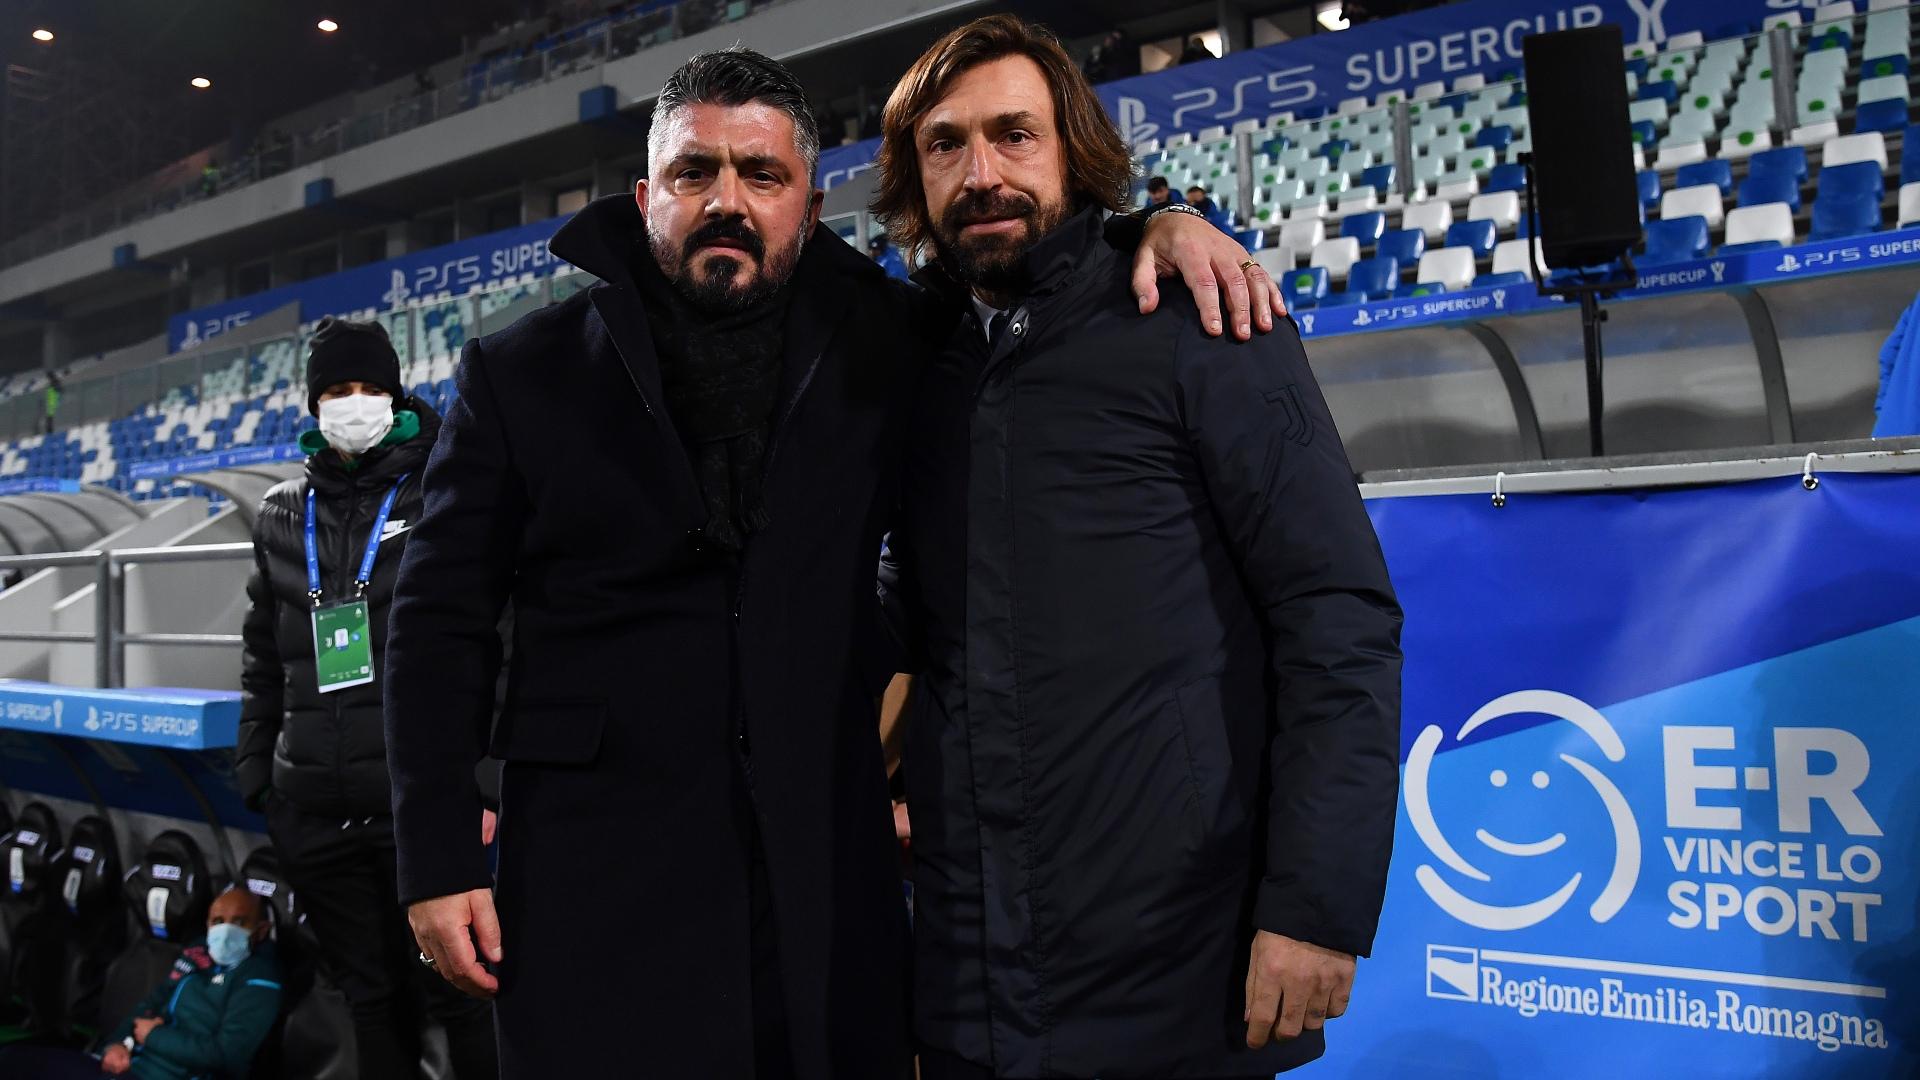 Pirlo feels sorry for Gattuso ahead of Napoli v Juventus